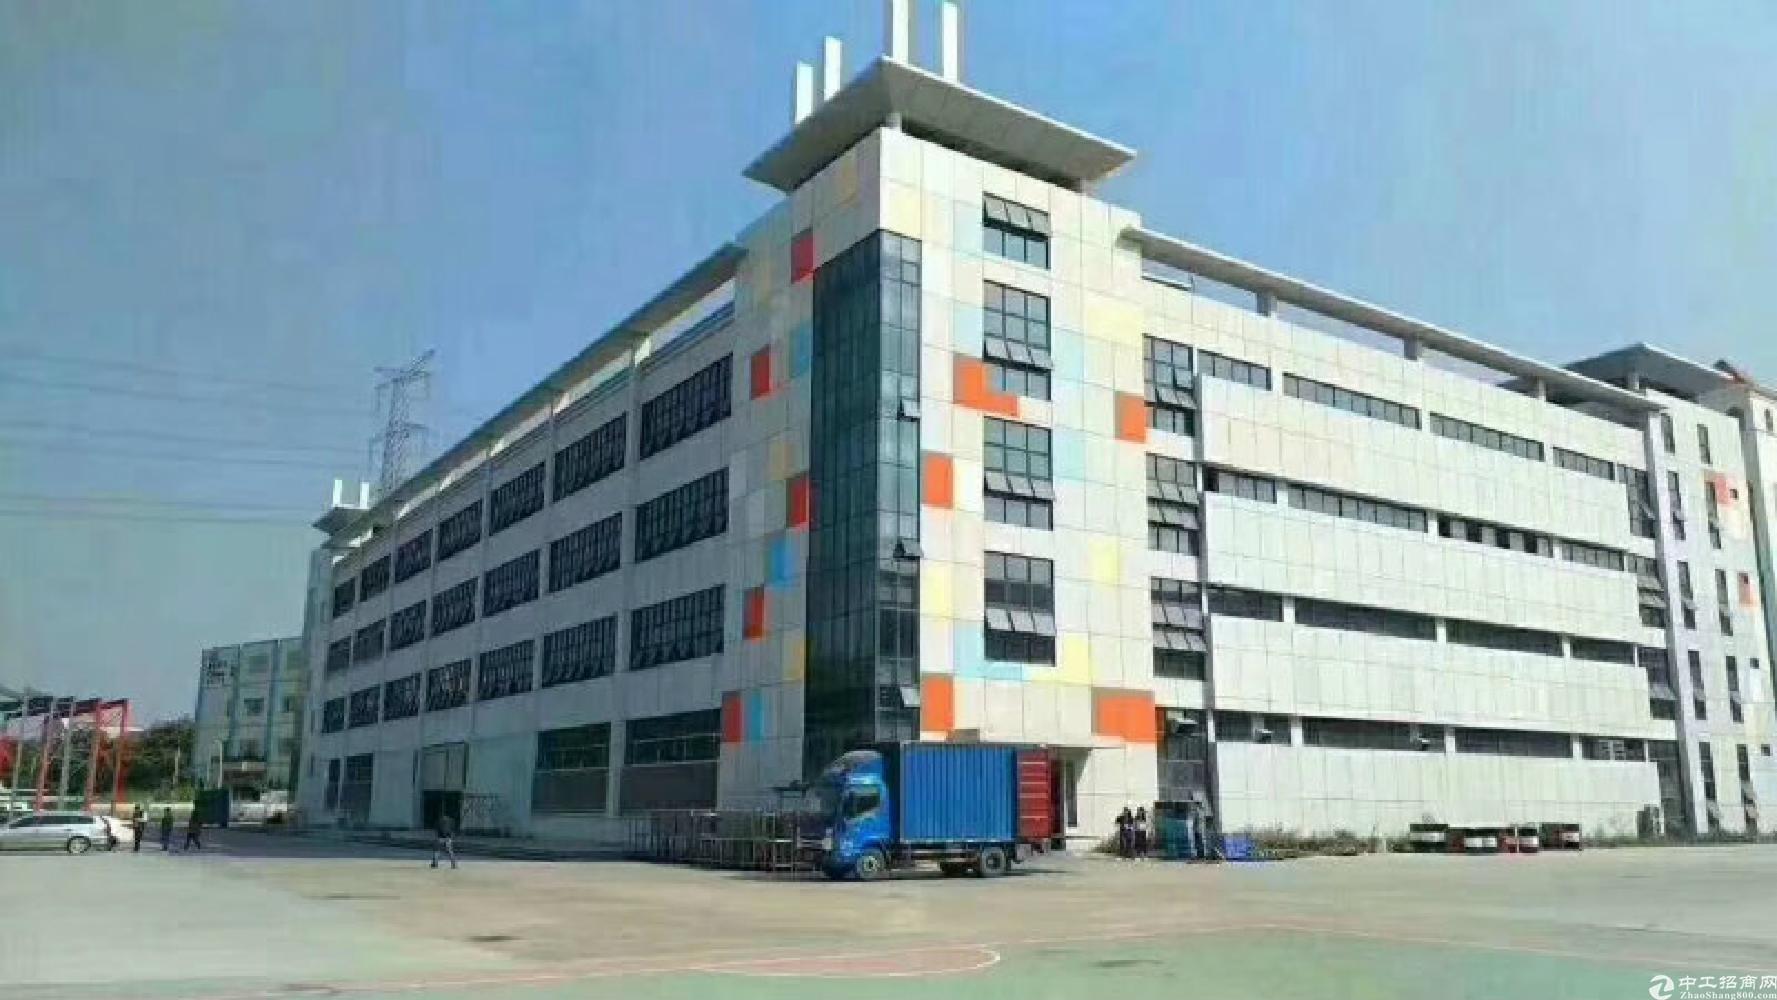 龙岗布吉3万平厂房仓库CNC厂房出租500起分形象好带装修